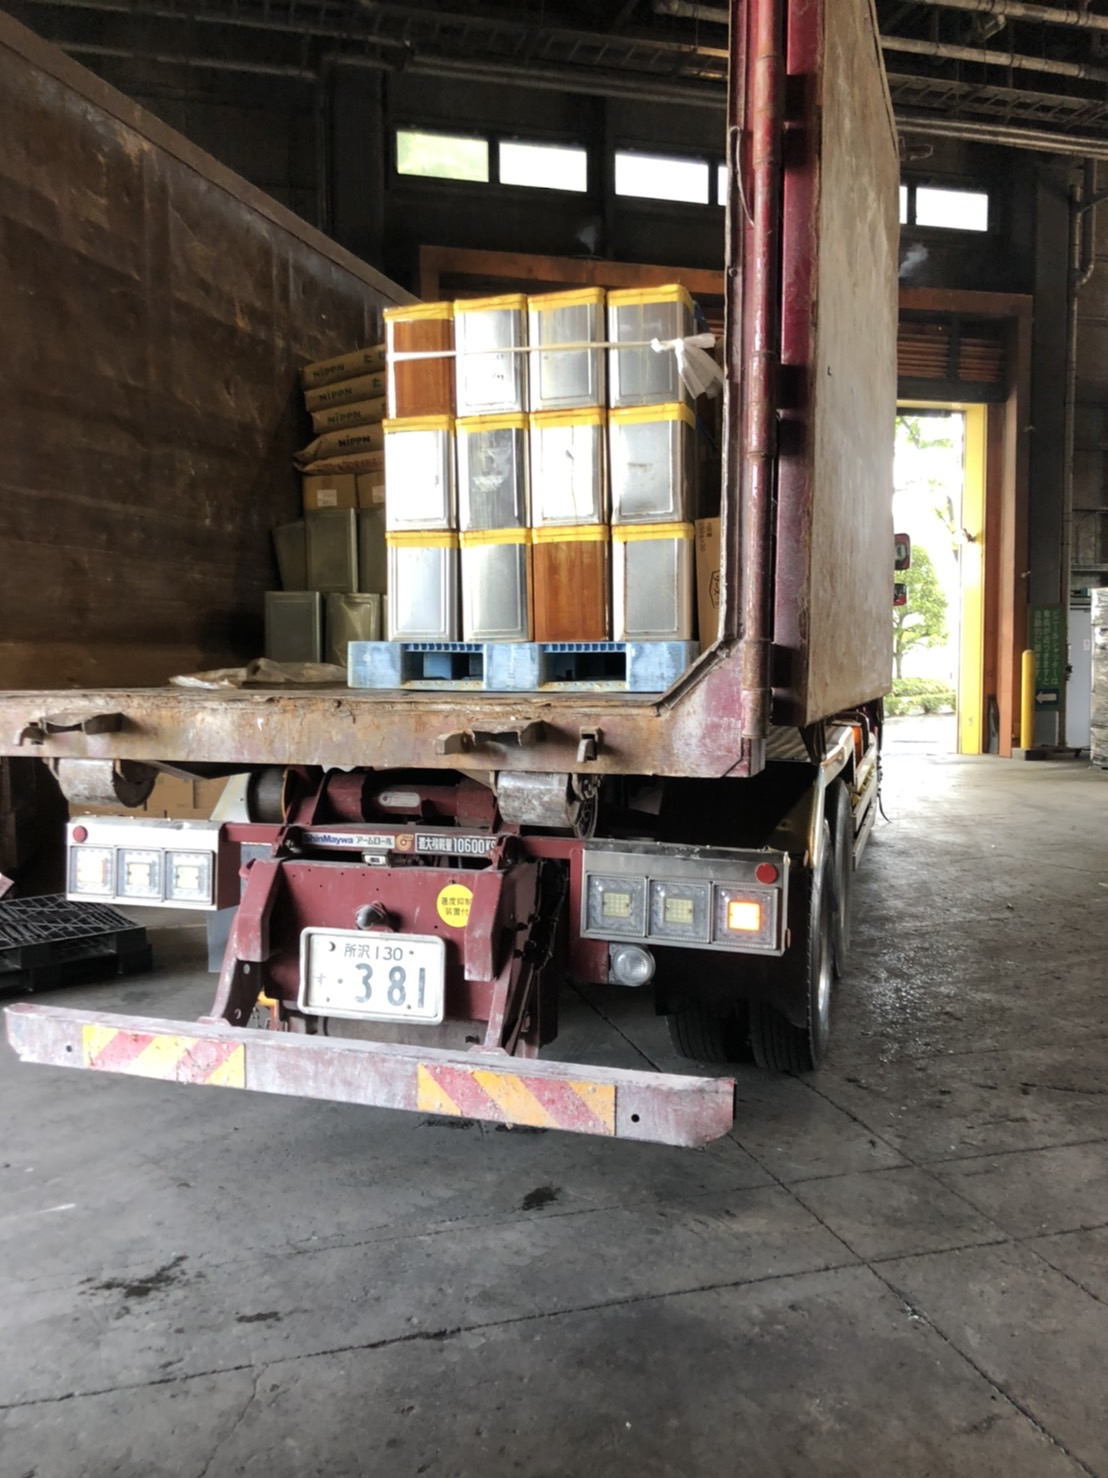 【産業廃棄物の回収】食品工場の動植物性残さの廃棄請負いを行った事例を紹介します。